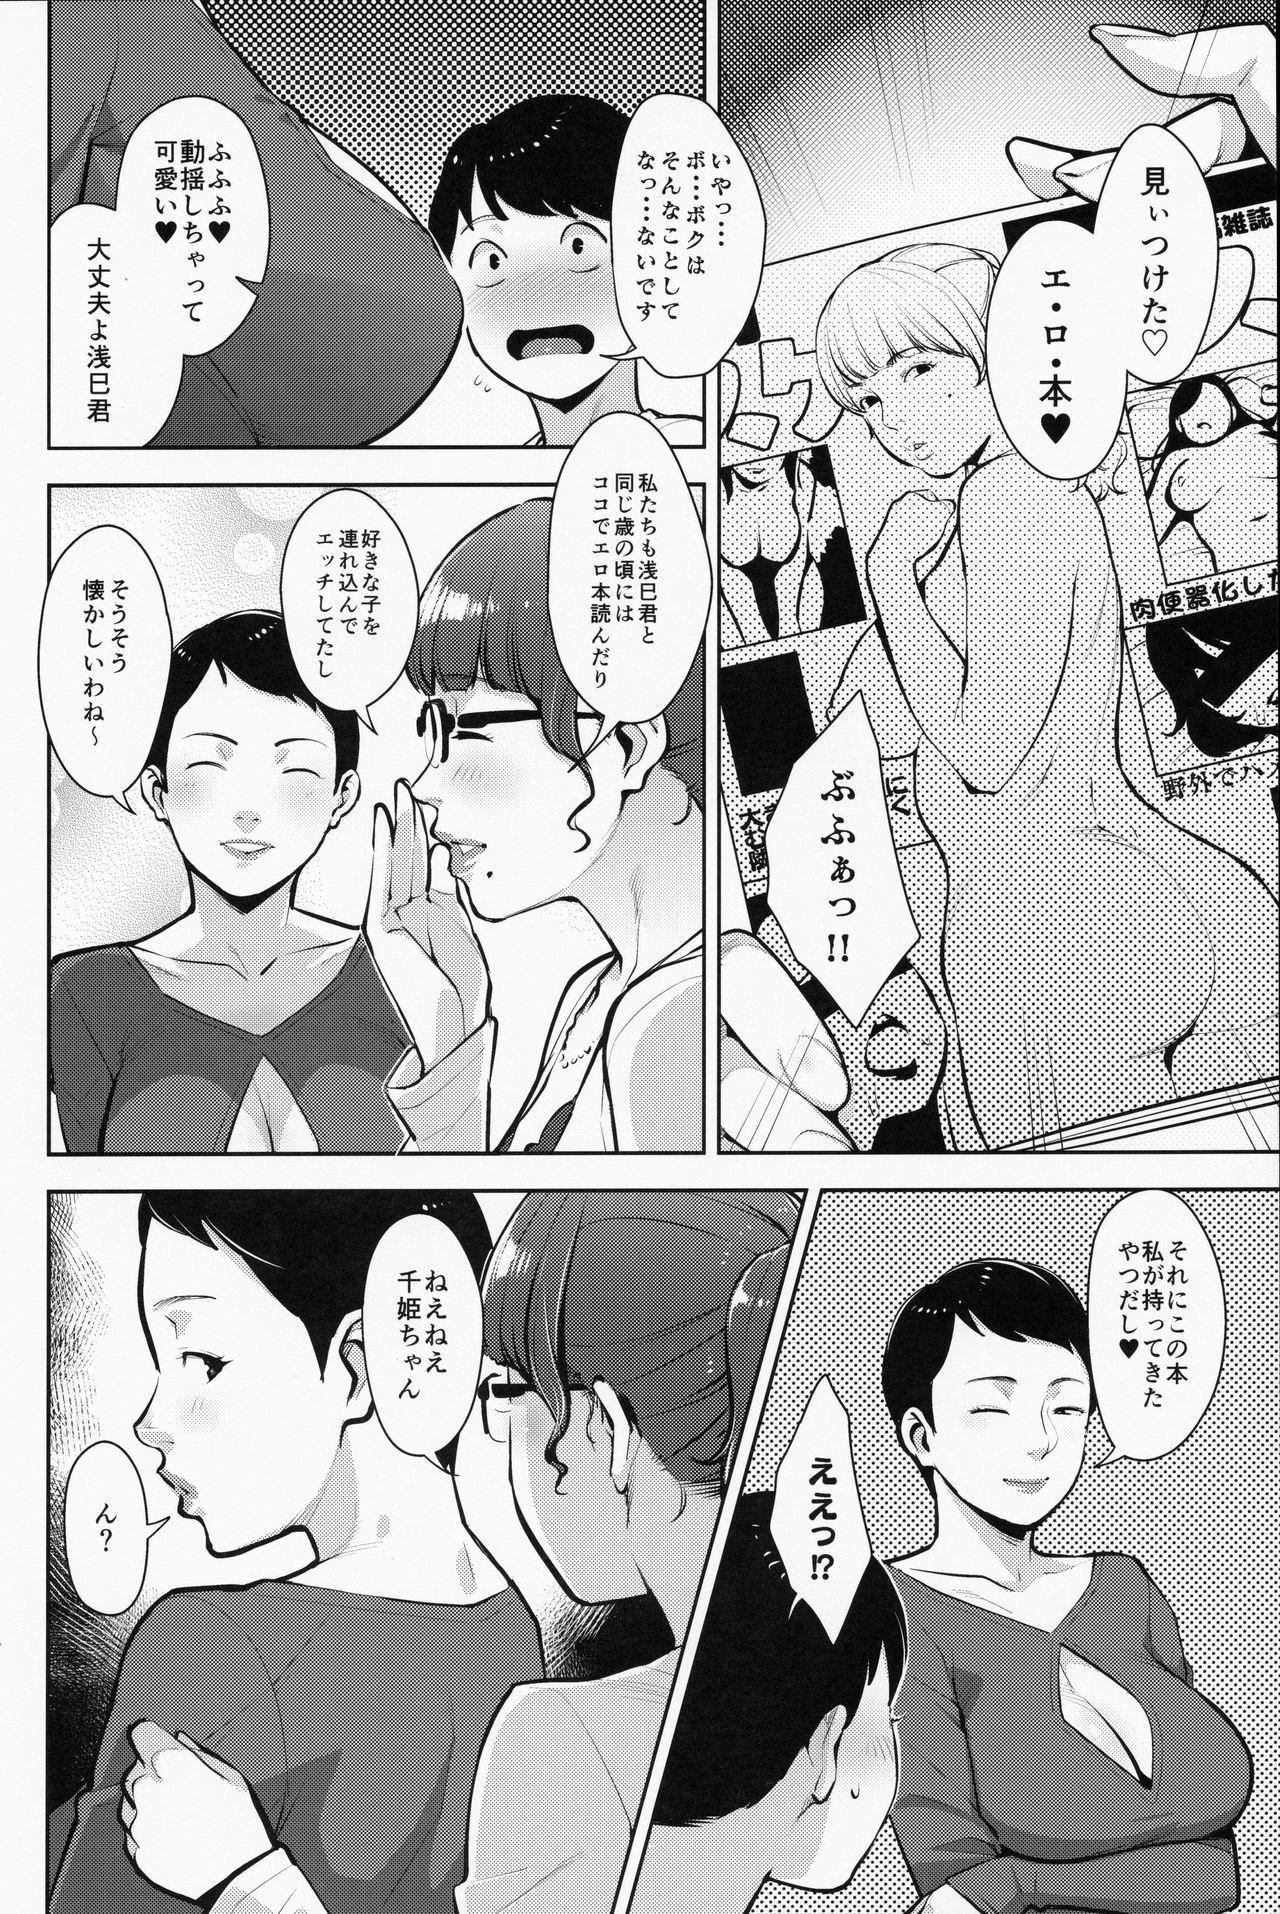 Himitsukichi 6